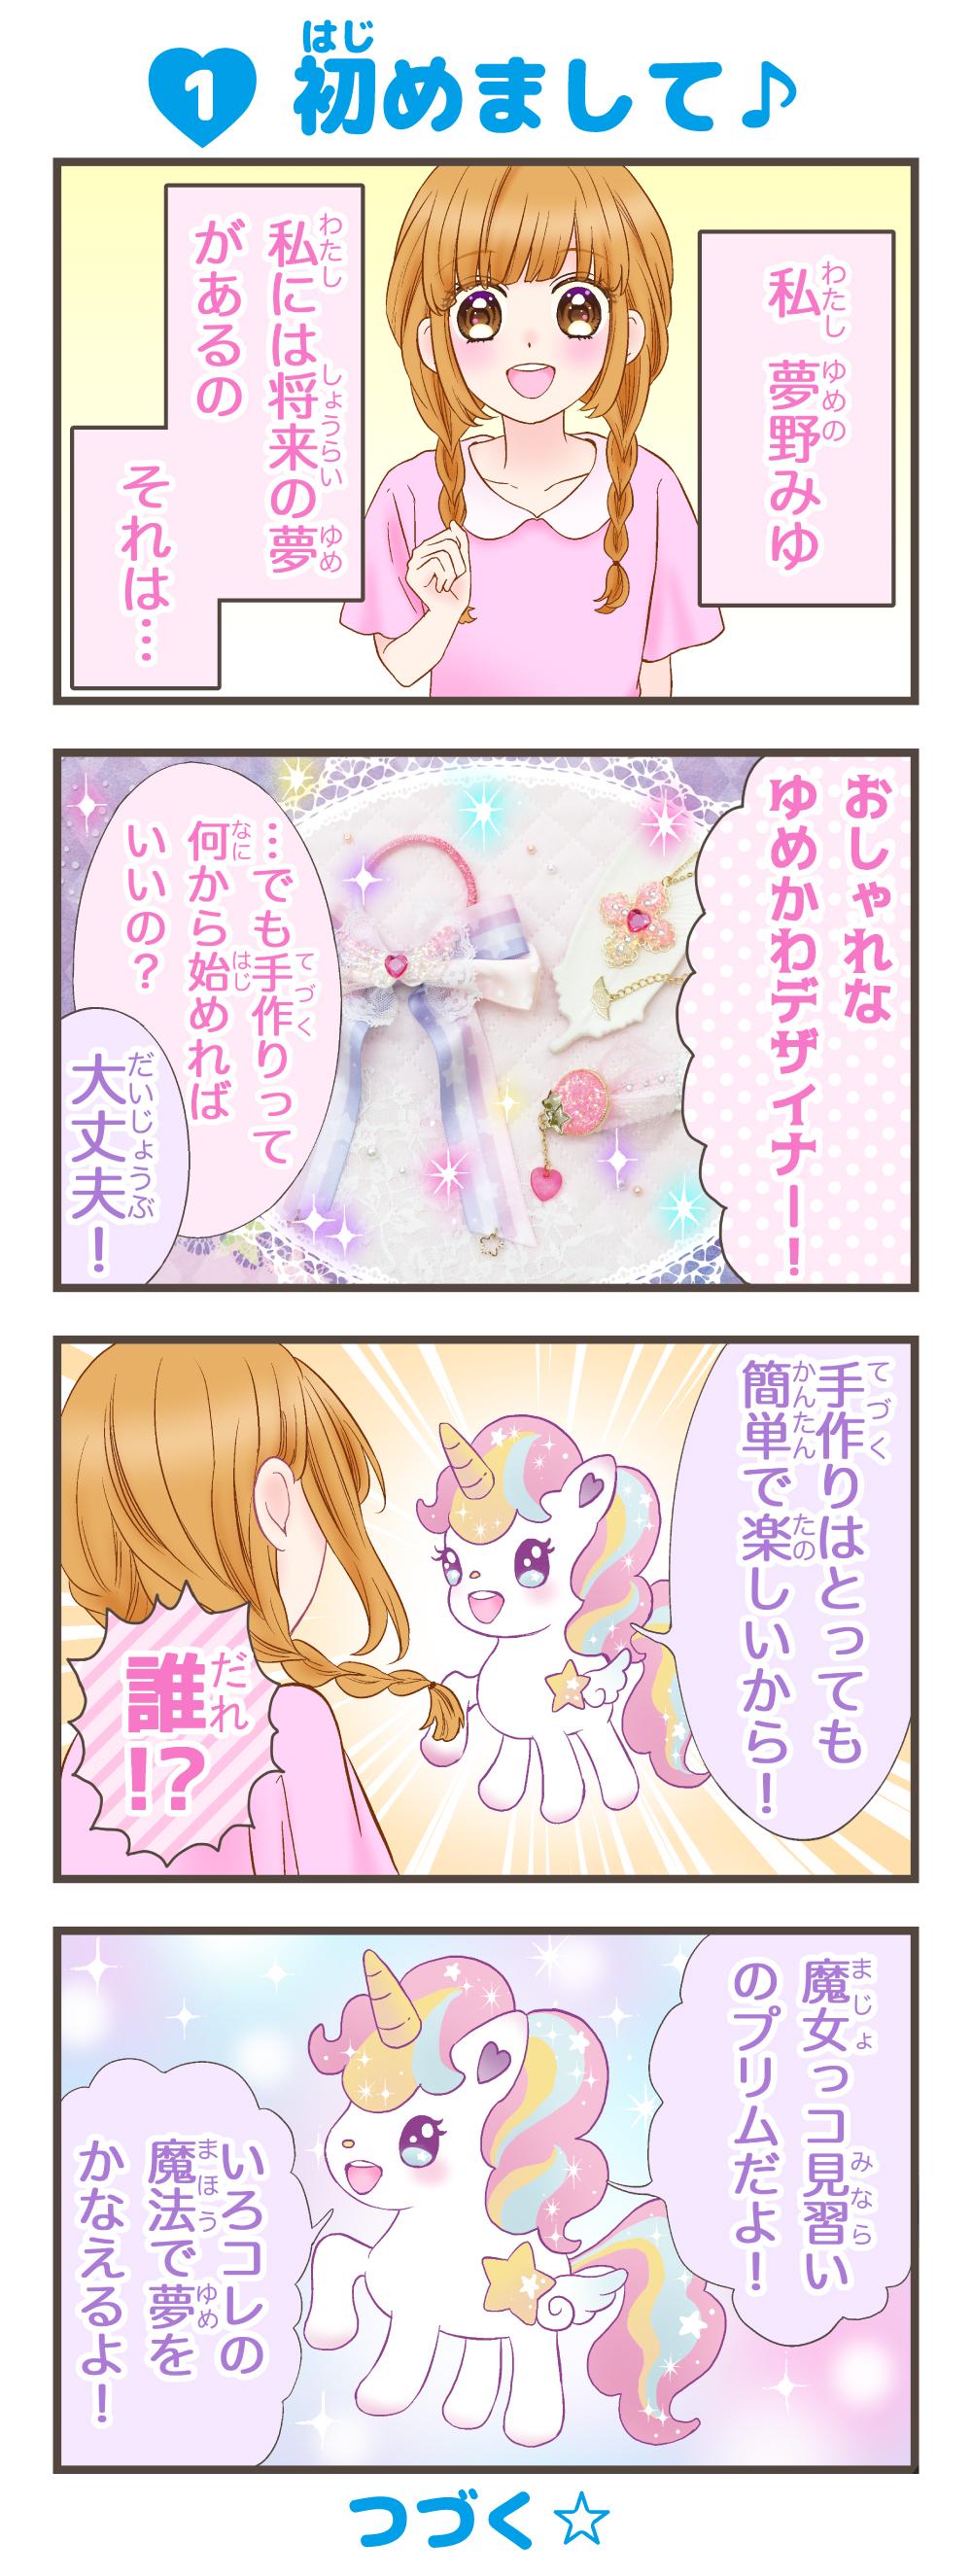 いろコレ漫画1話